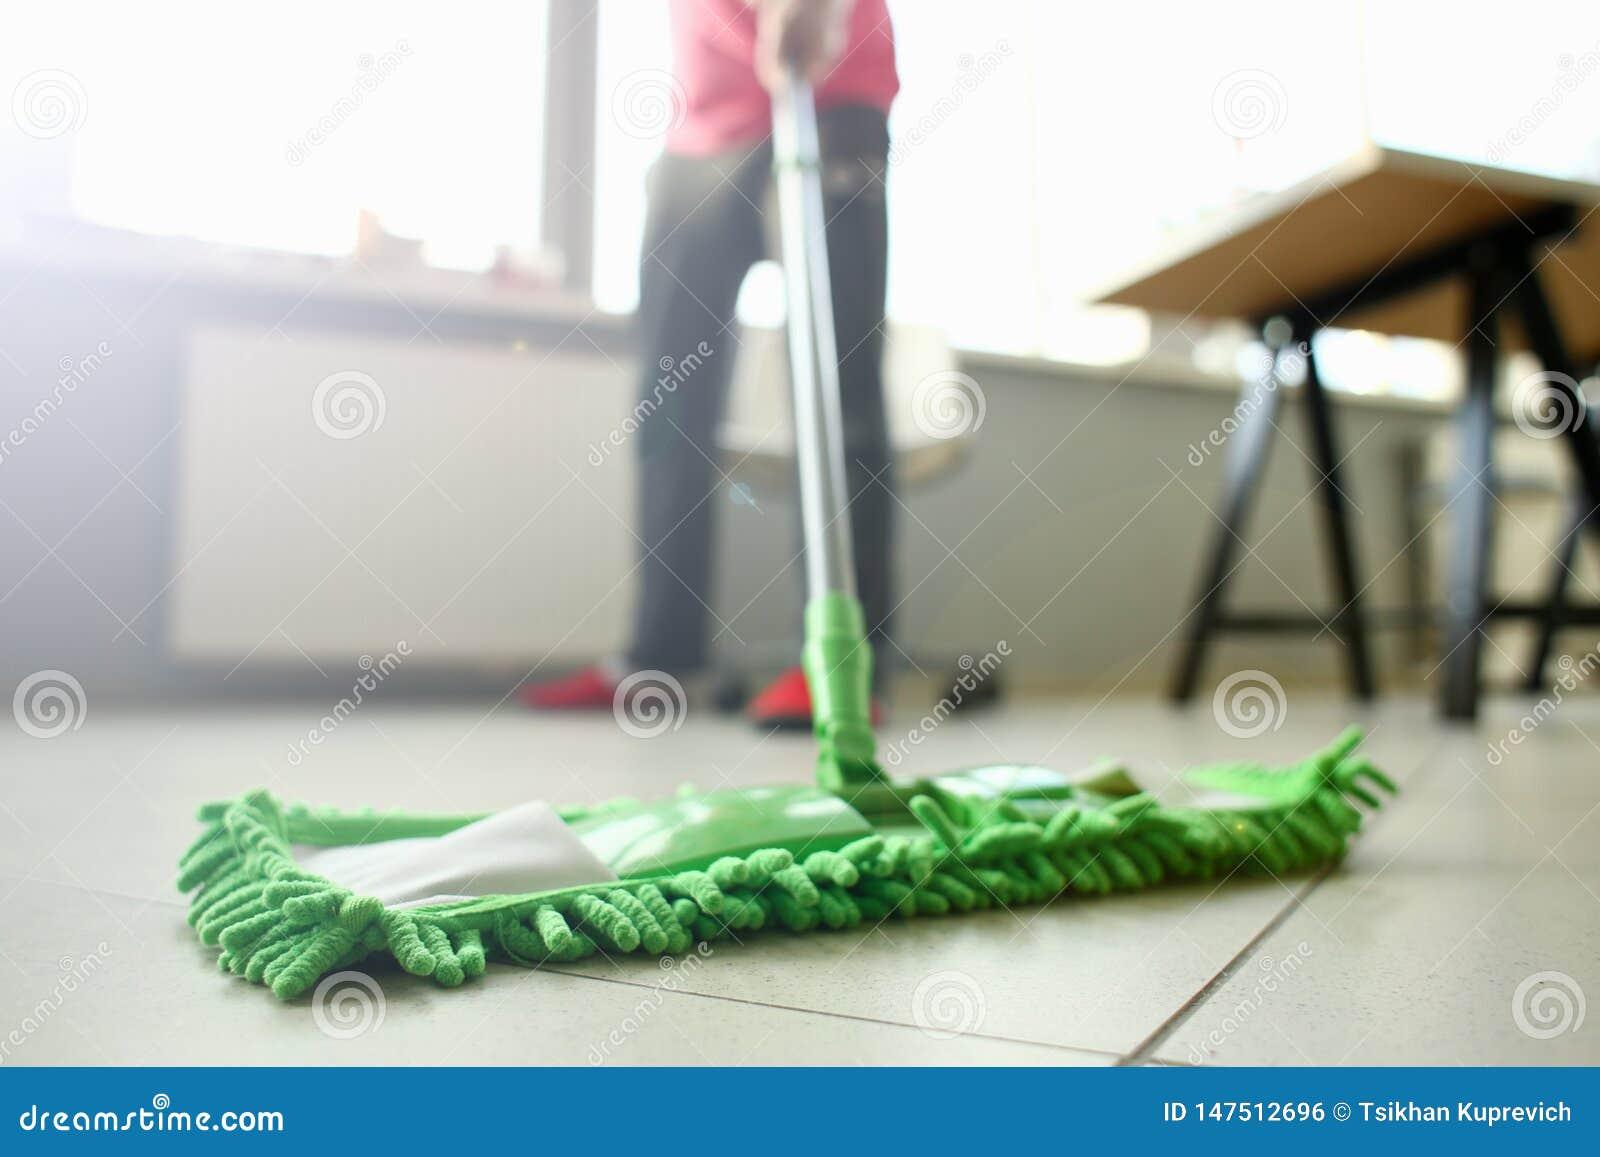 Zazzera di plastica verde che pulisce pavimento sporco leggero laminato